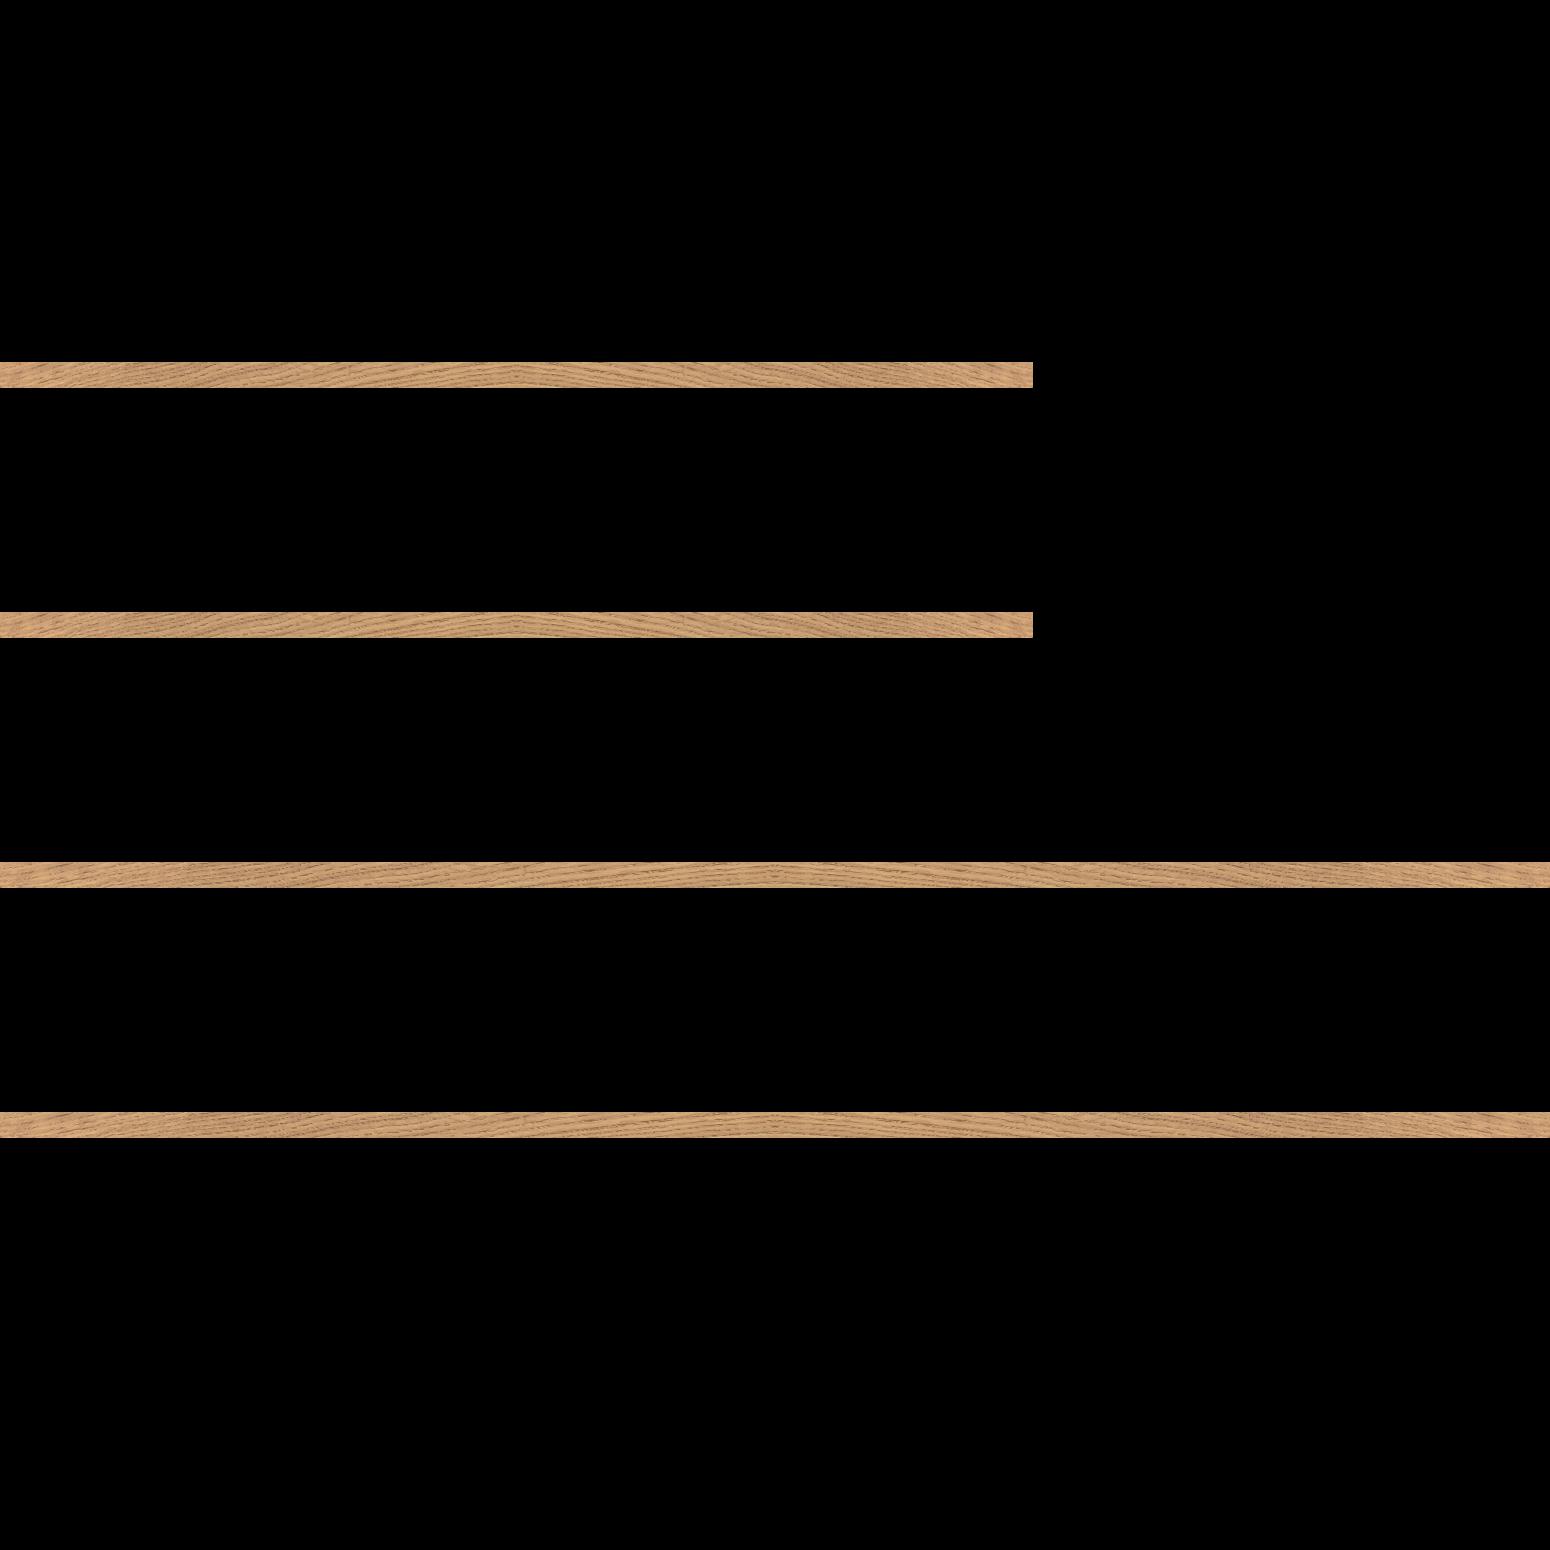 Baguette bois profil plat largeur 1.5cm chêne massif naturel